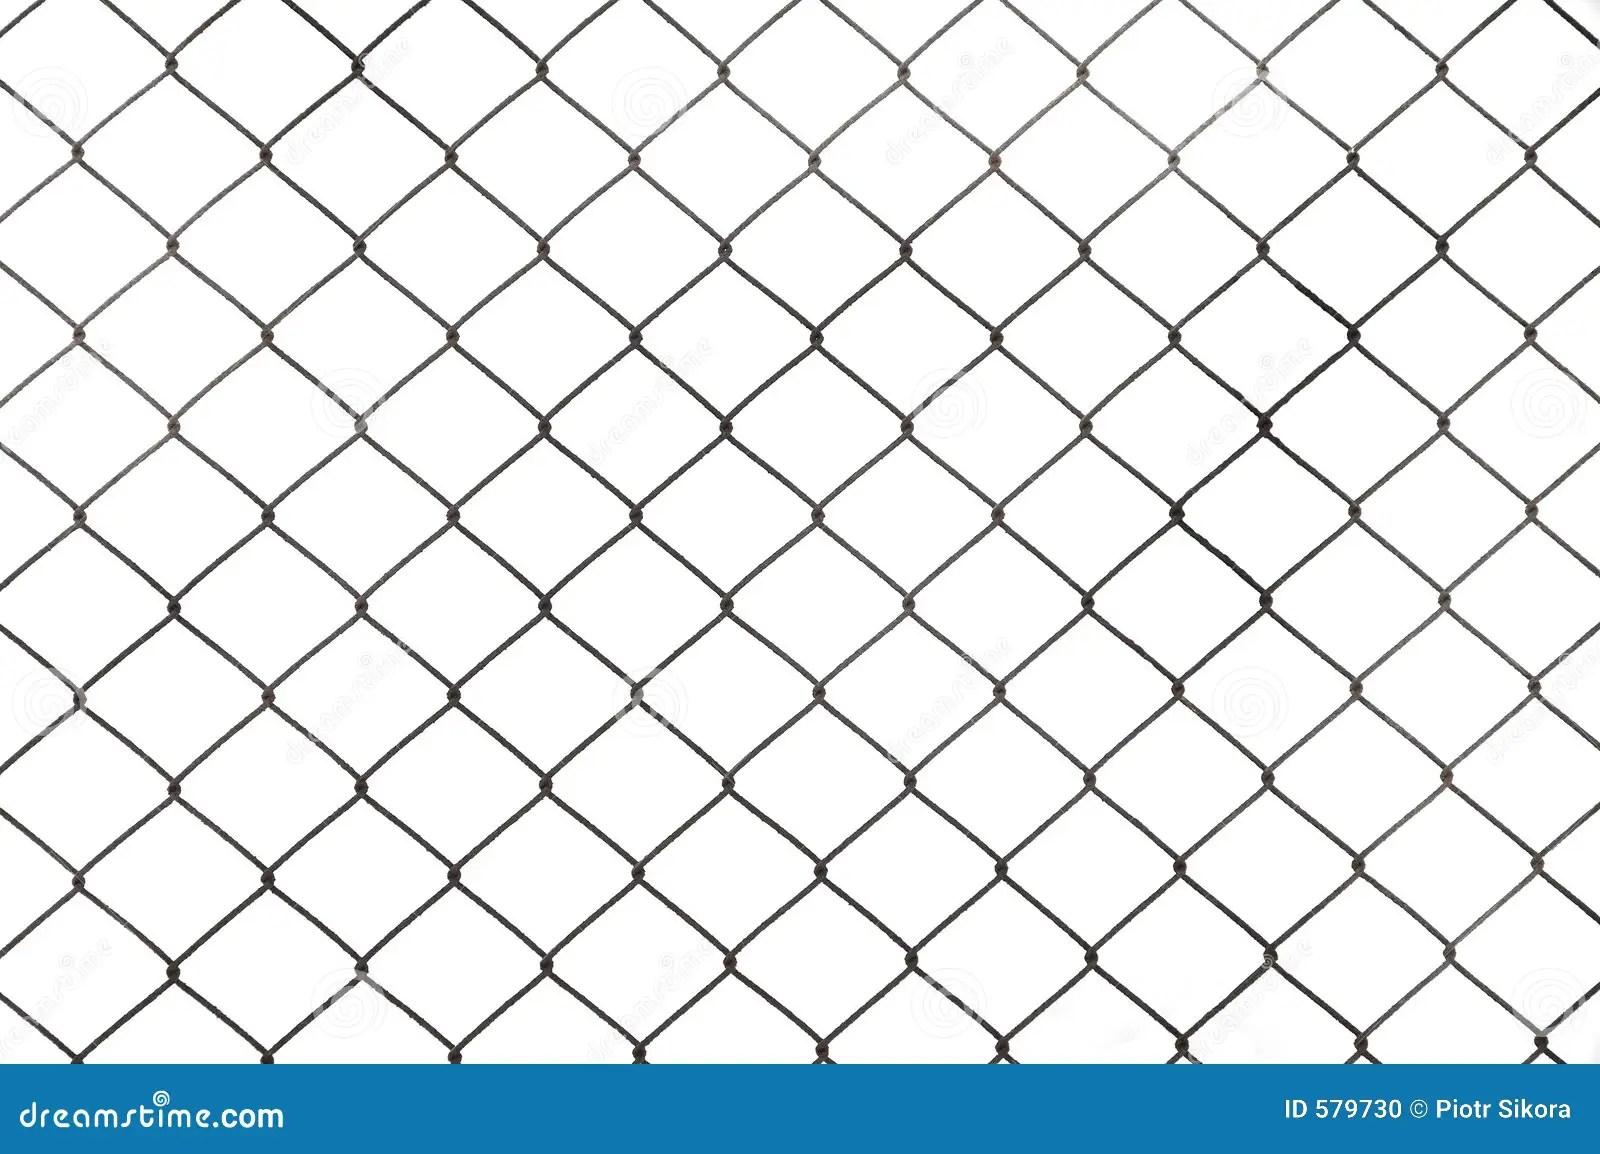 Fence Isolated Stock Photo